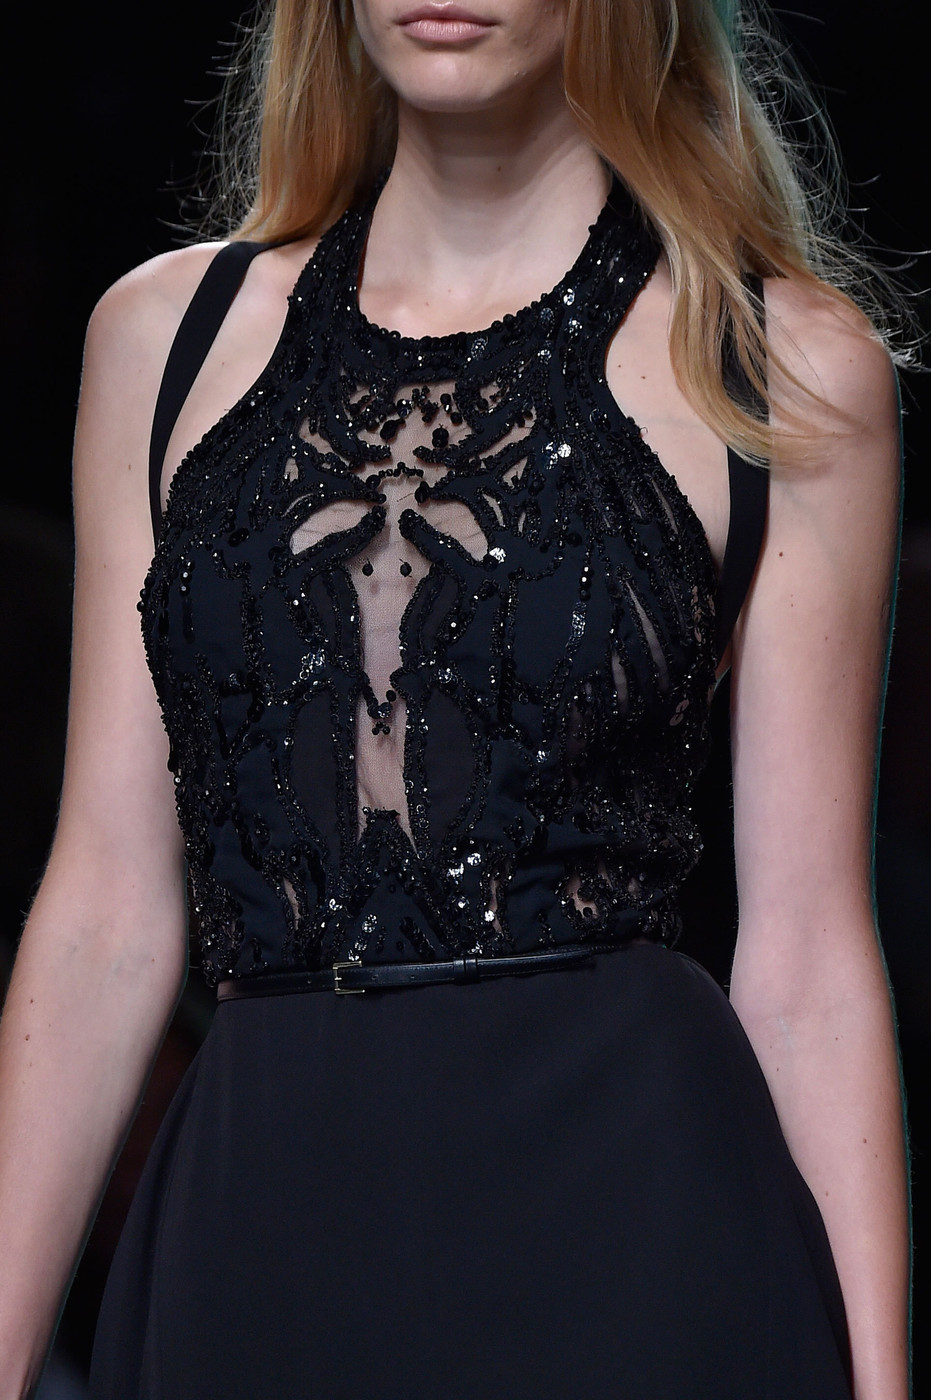 Najljepše haljine - Page 21 Tumblr_ndd1m0c5Oe1rvyr2no1_1280